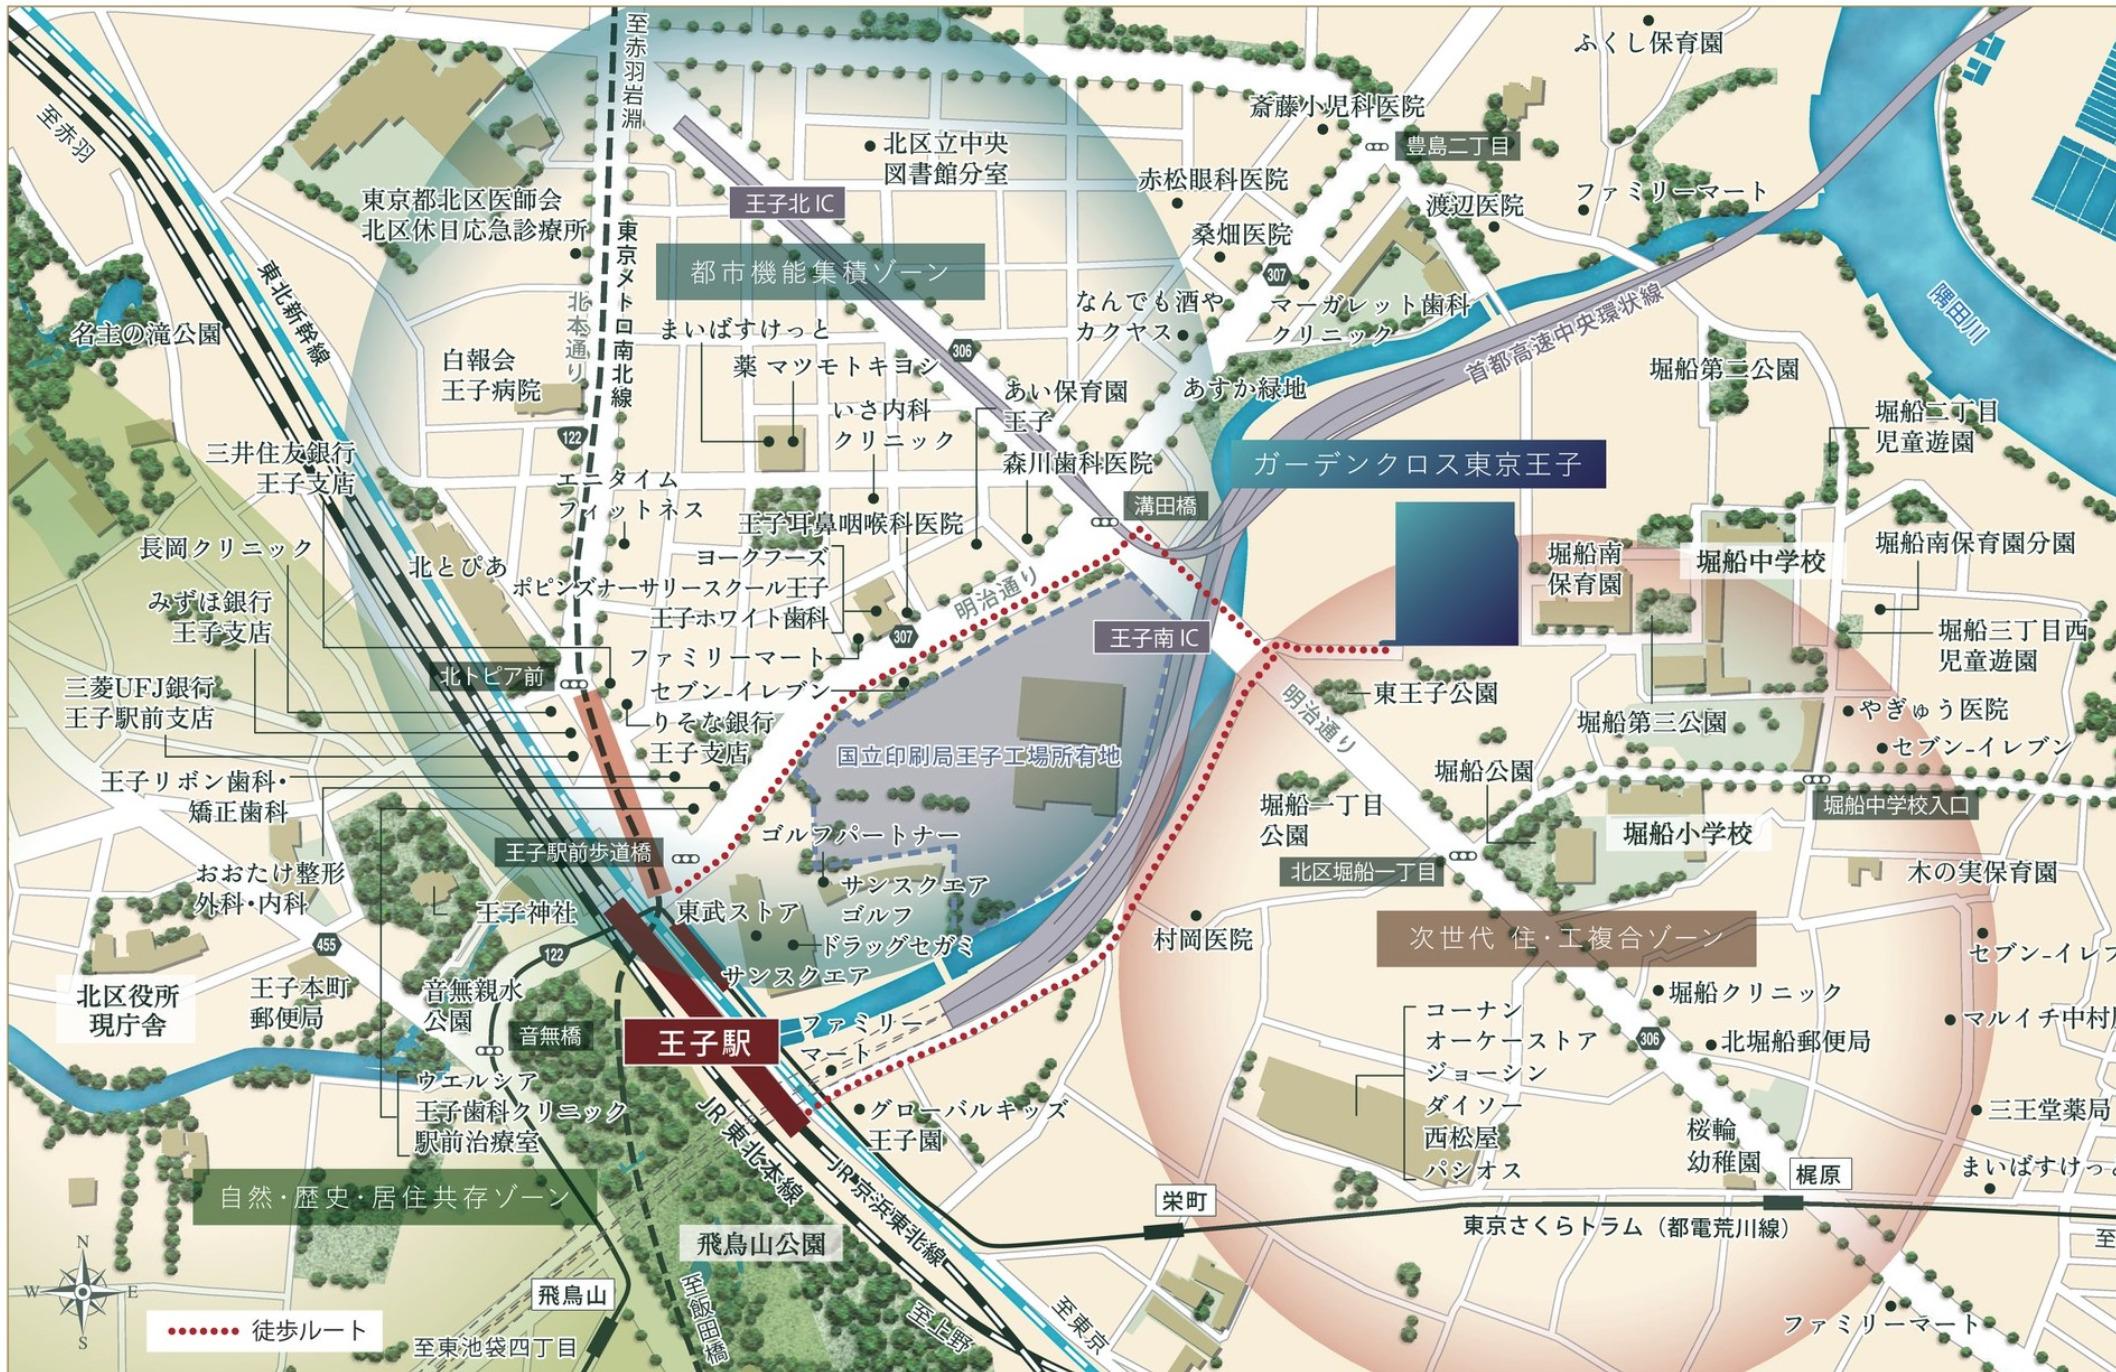 ガーデンクロス王子MAP